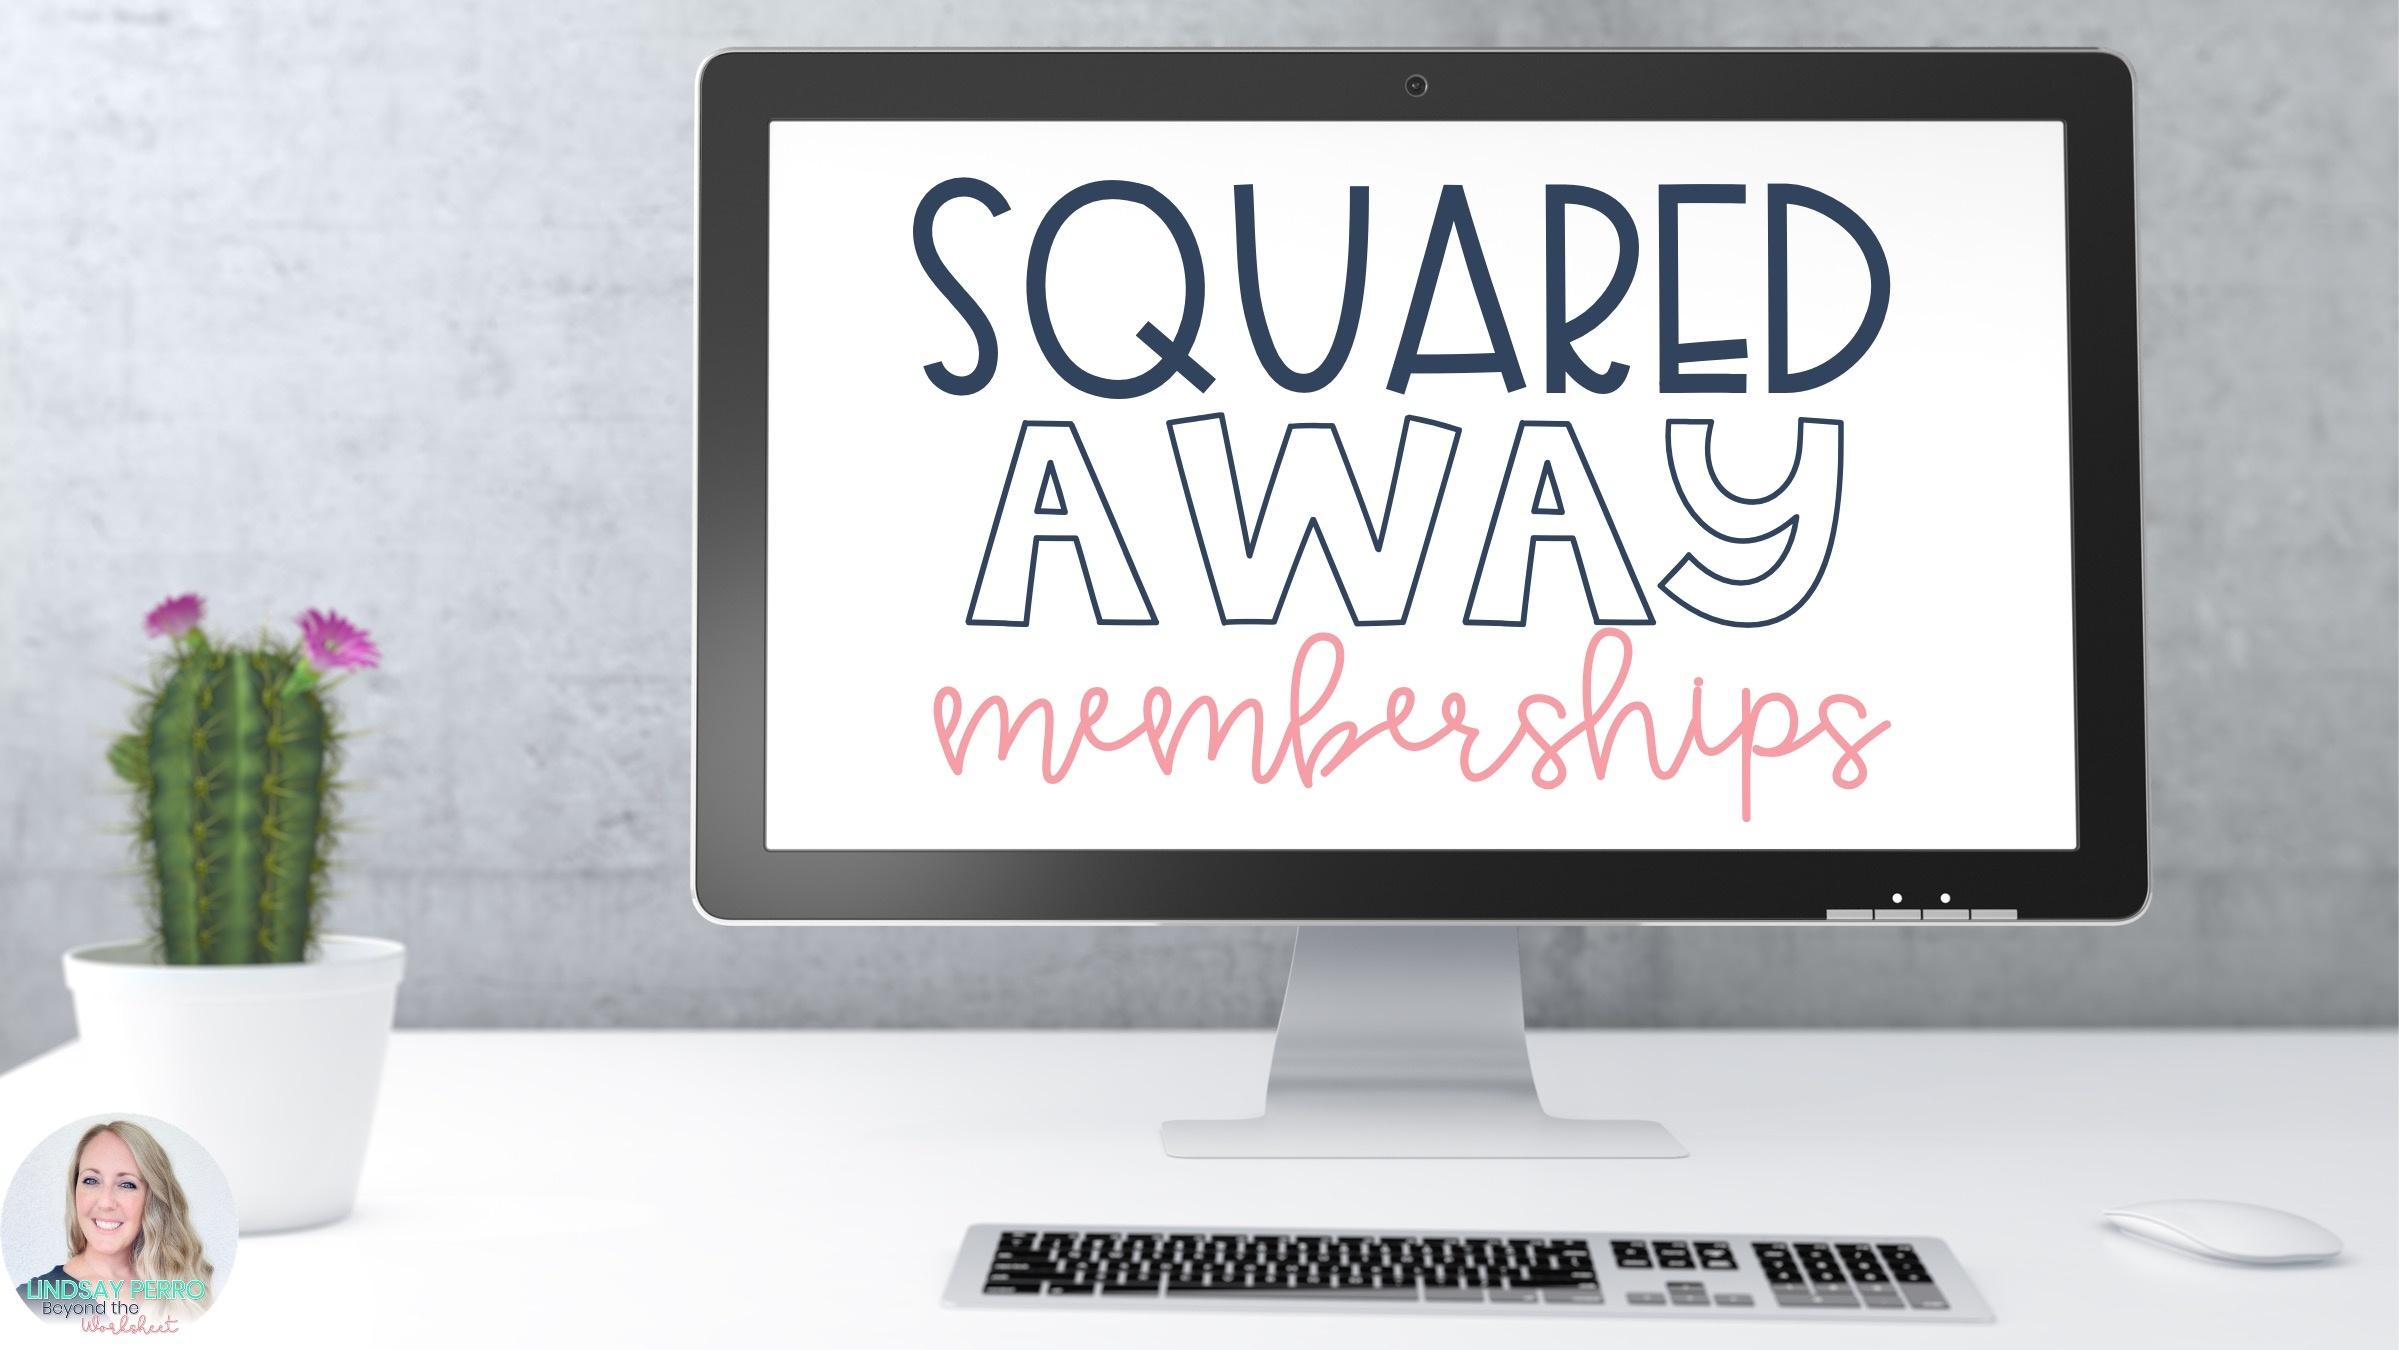 Squared Away Memberships